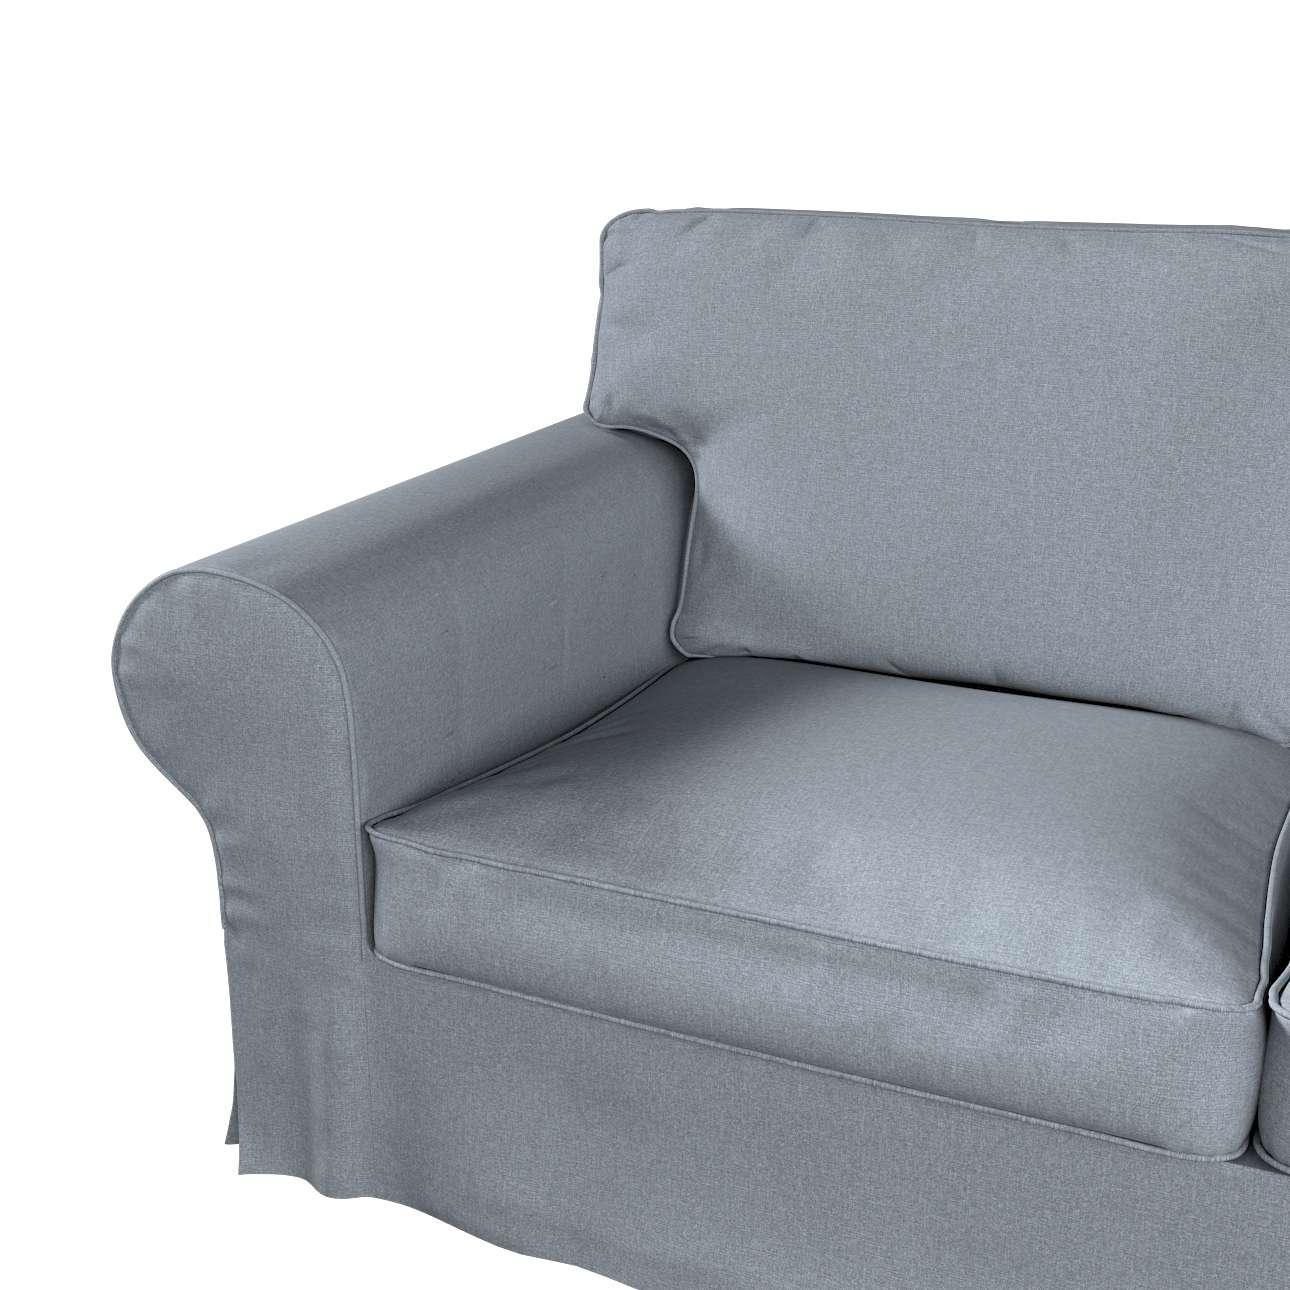 Pokrowiec na sofę Ektorp 2-osobową i leżankę w kolekcji Amsterdam, tkanina: 704-46